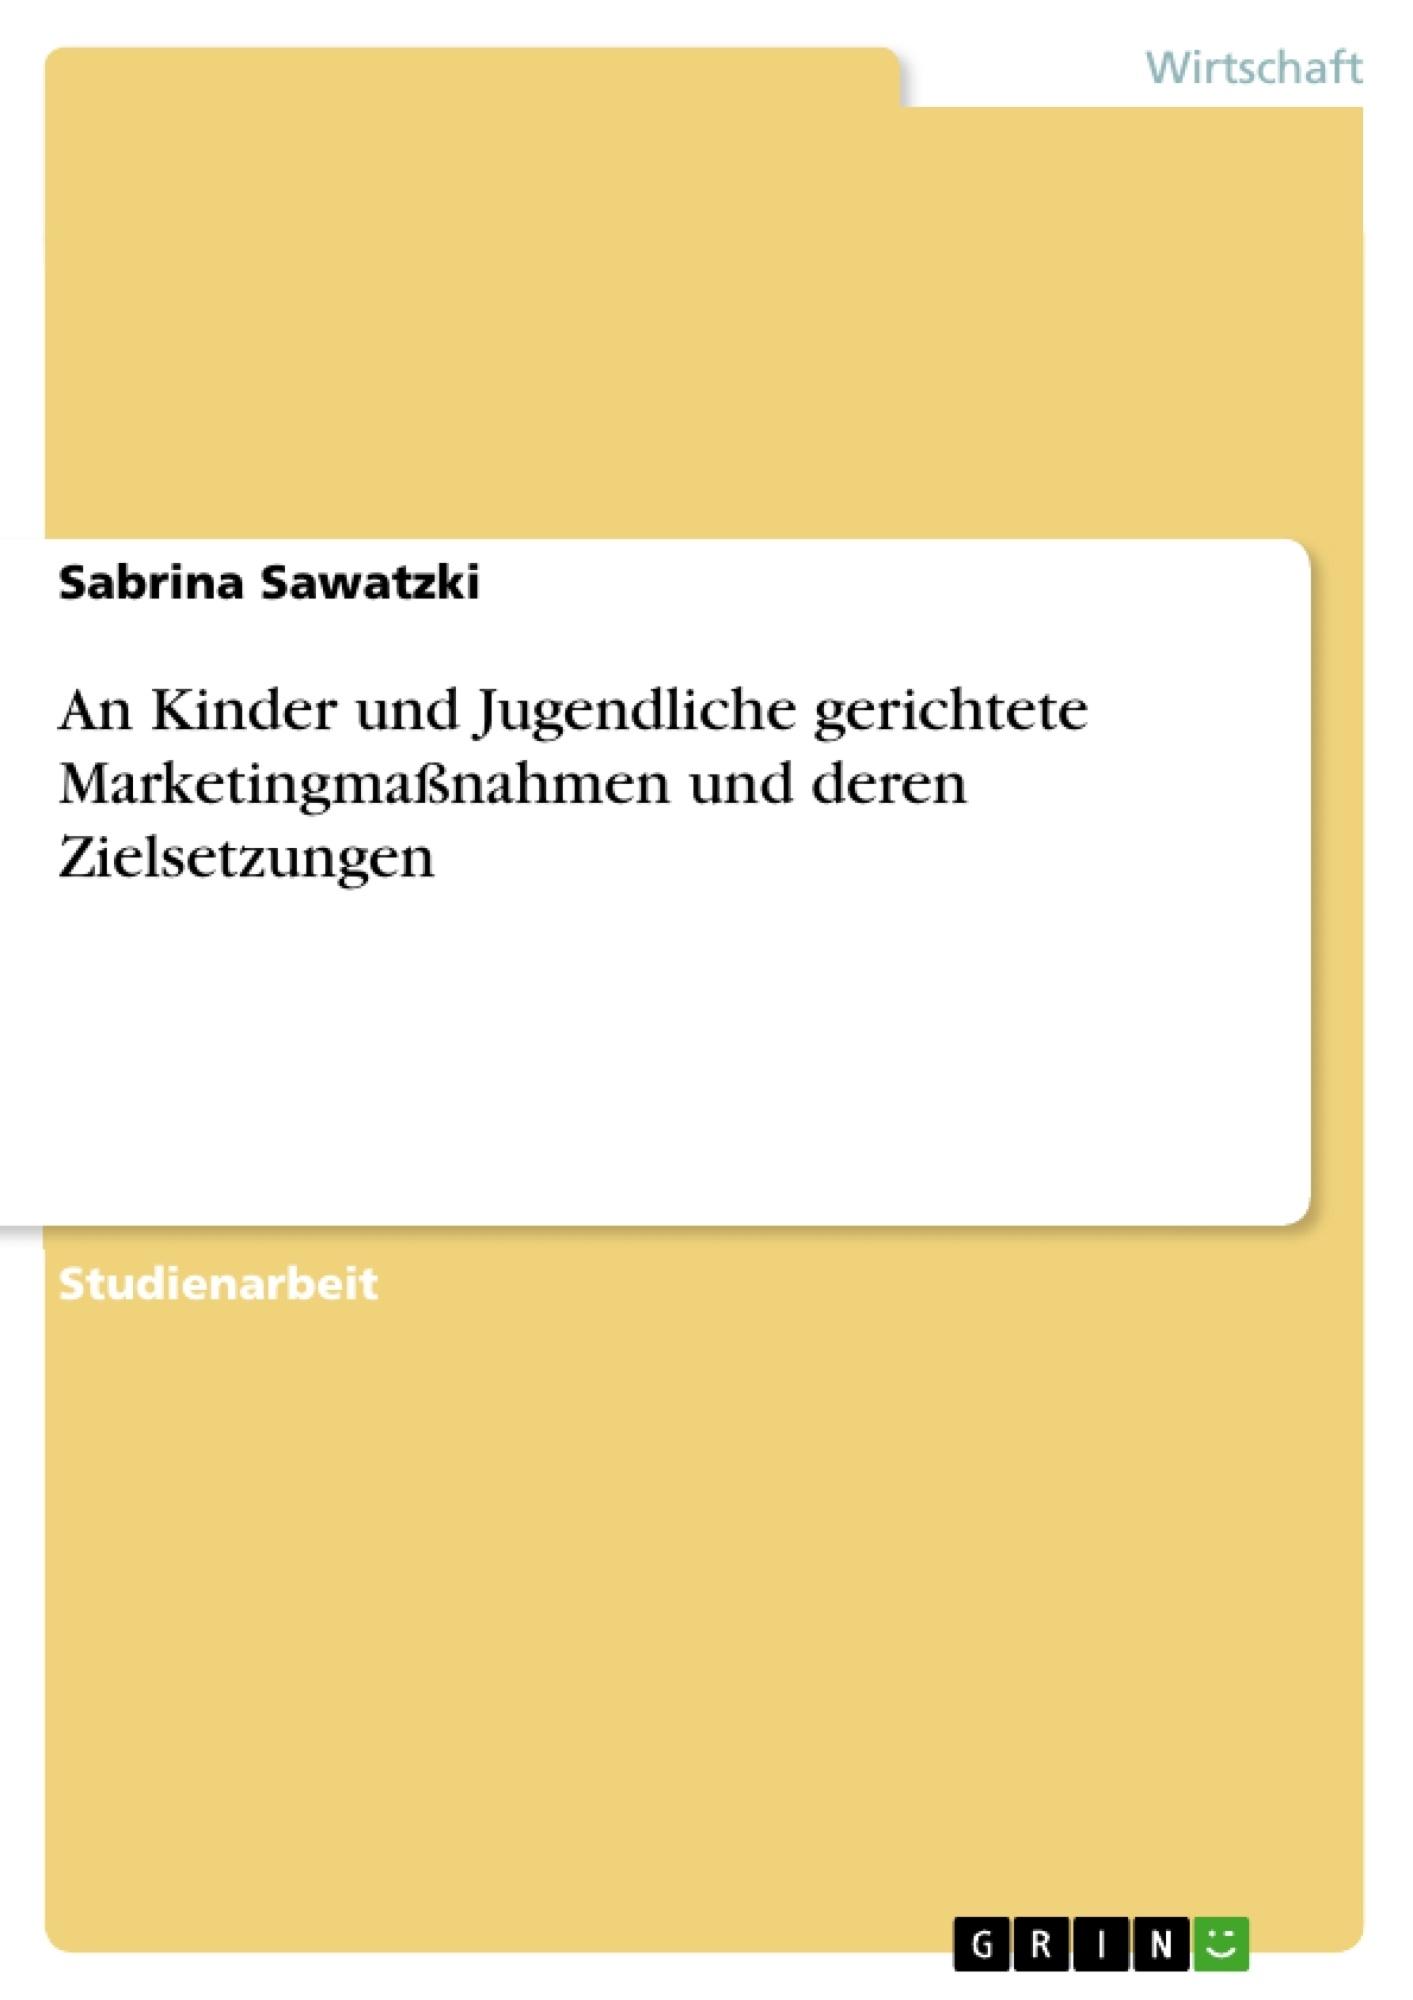 Titel: An Kinder und Jugendliche gerichtete Marketingmaßnahmen und deren Zielsetzungen